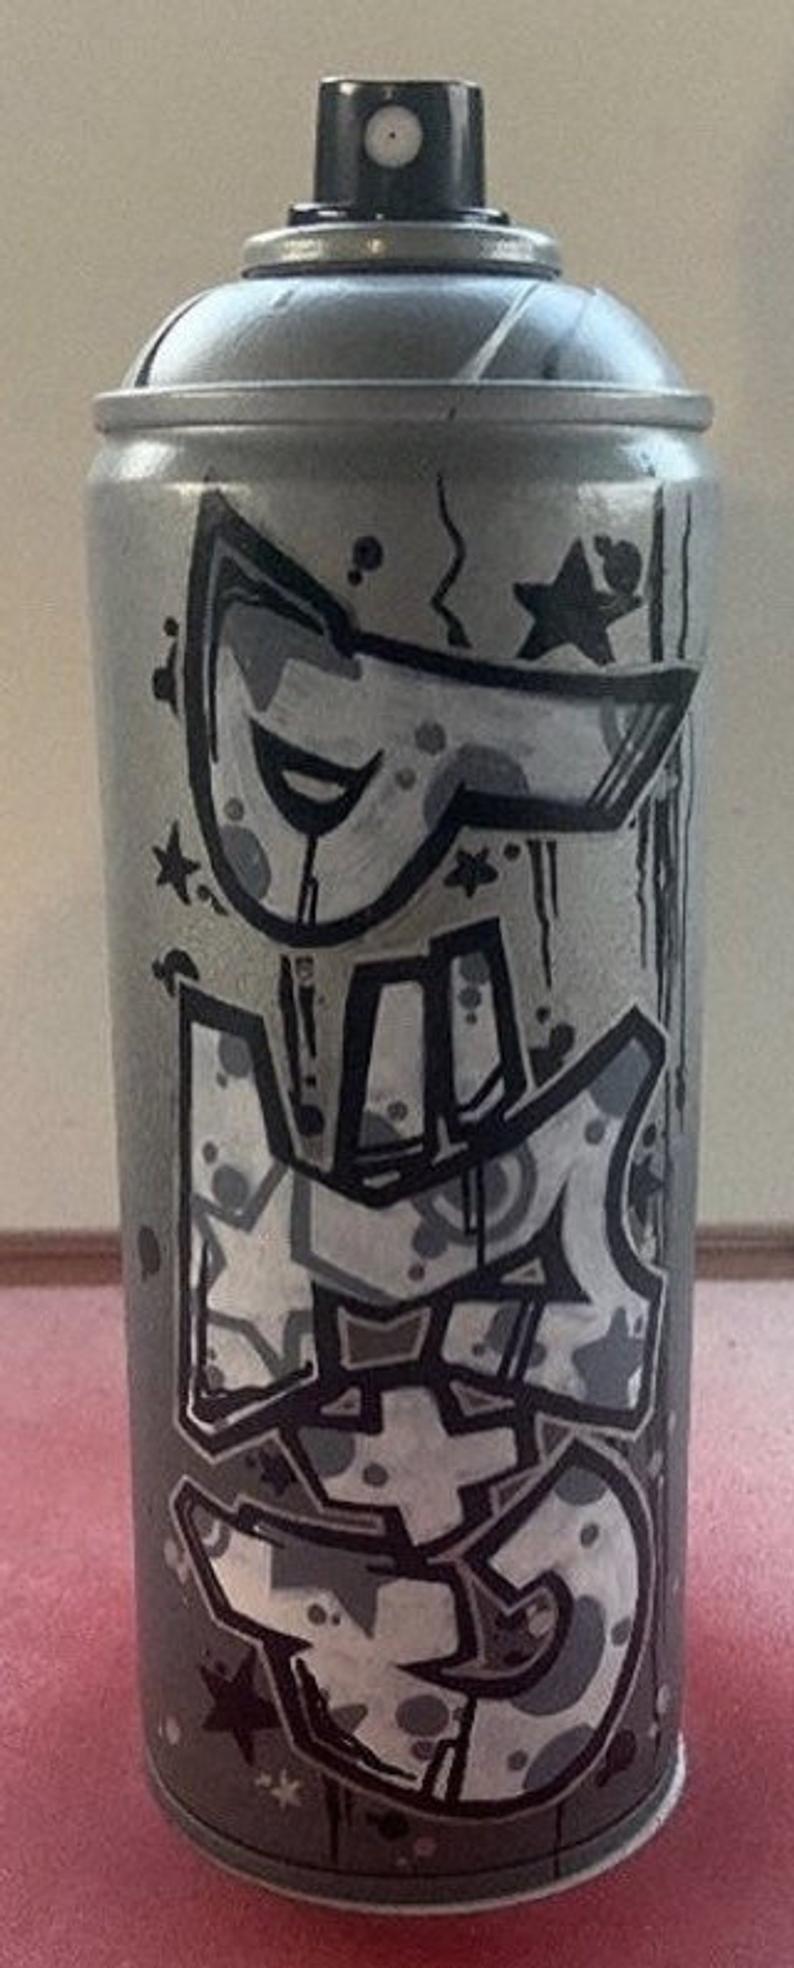 Custom Graffiti Spray Paint Can Name Letters Personalized Art Etsy Spray Paint Cans Graffiti Spray Paint Graffiti